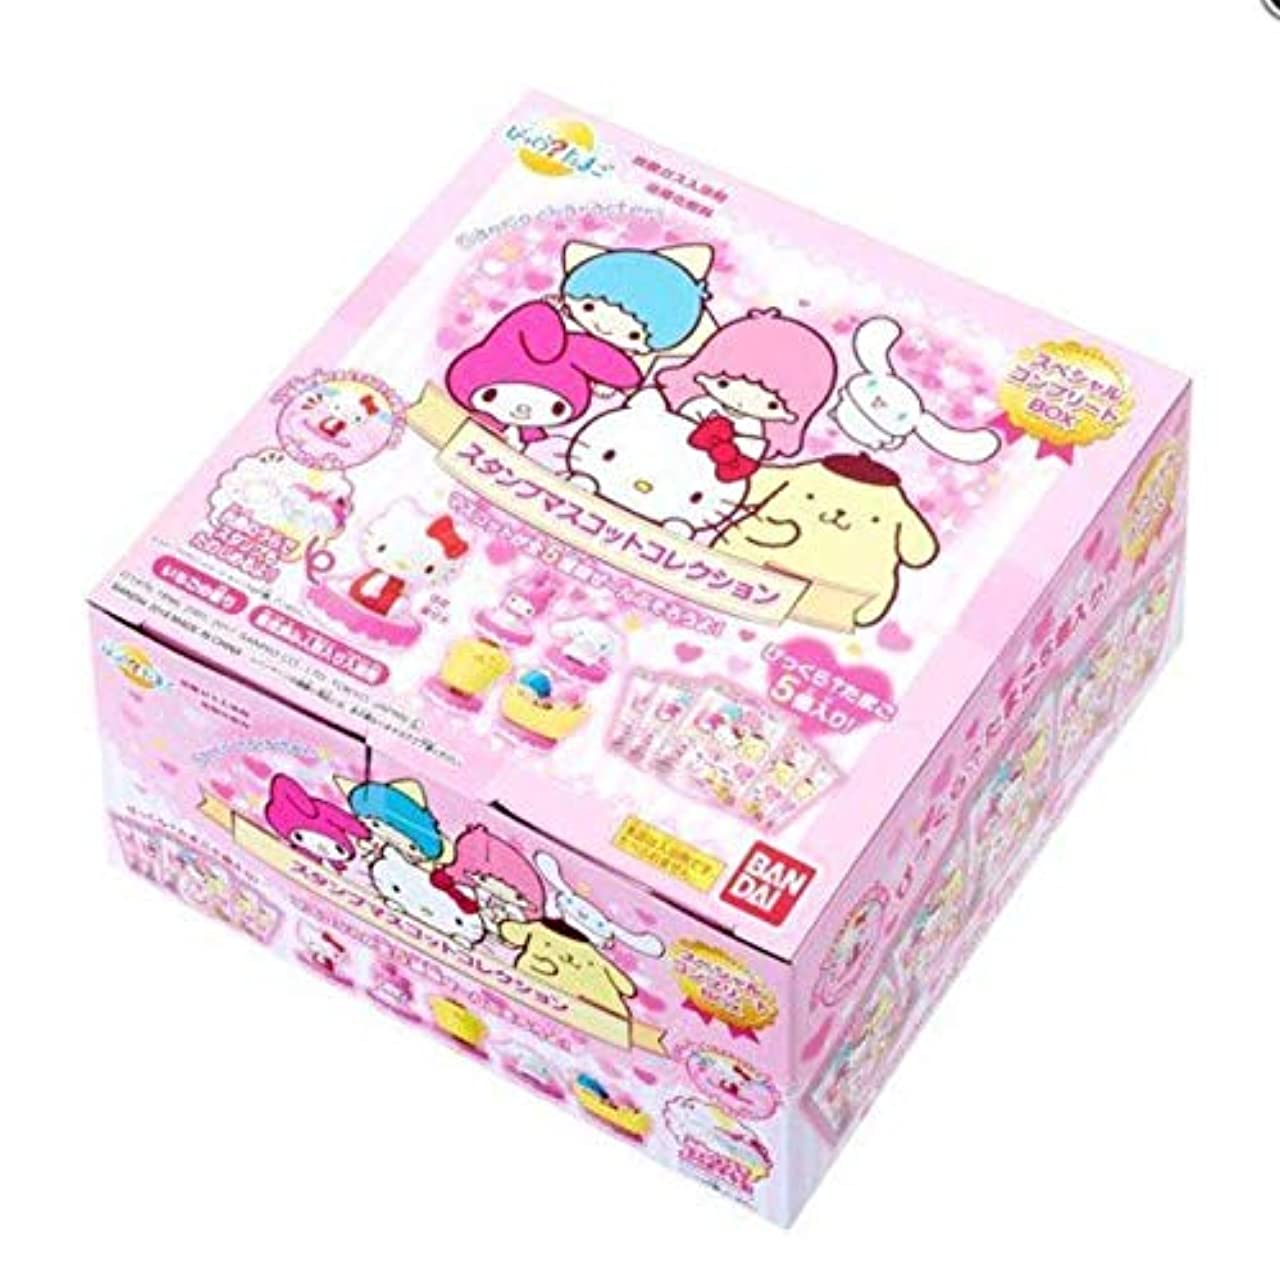 ラテン是正生きているびっくら?たまご サンリオキャラクターズ スタンプマスコットコレクション スペシャルコンプリートBOX